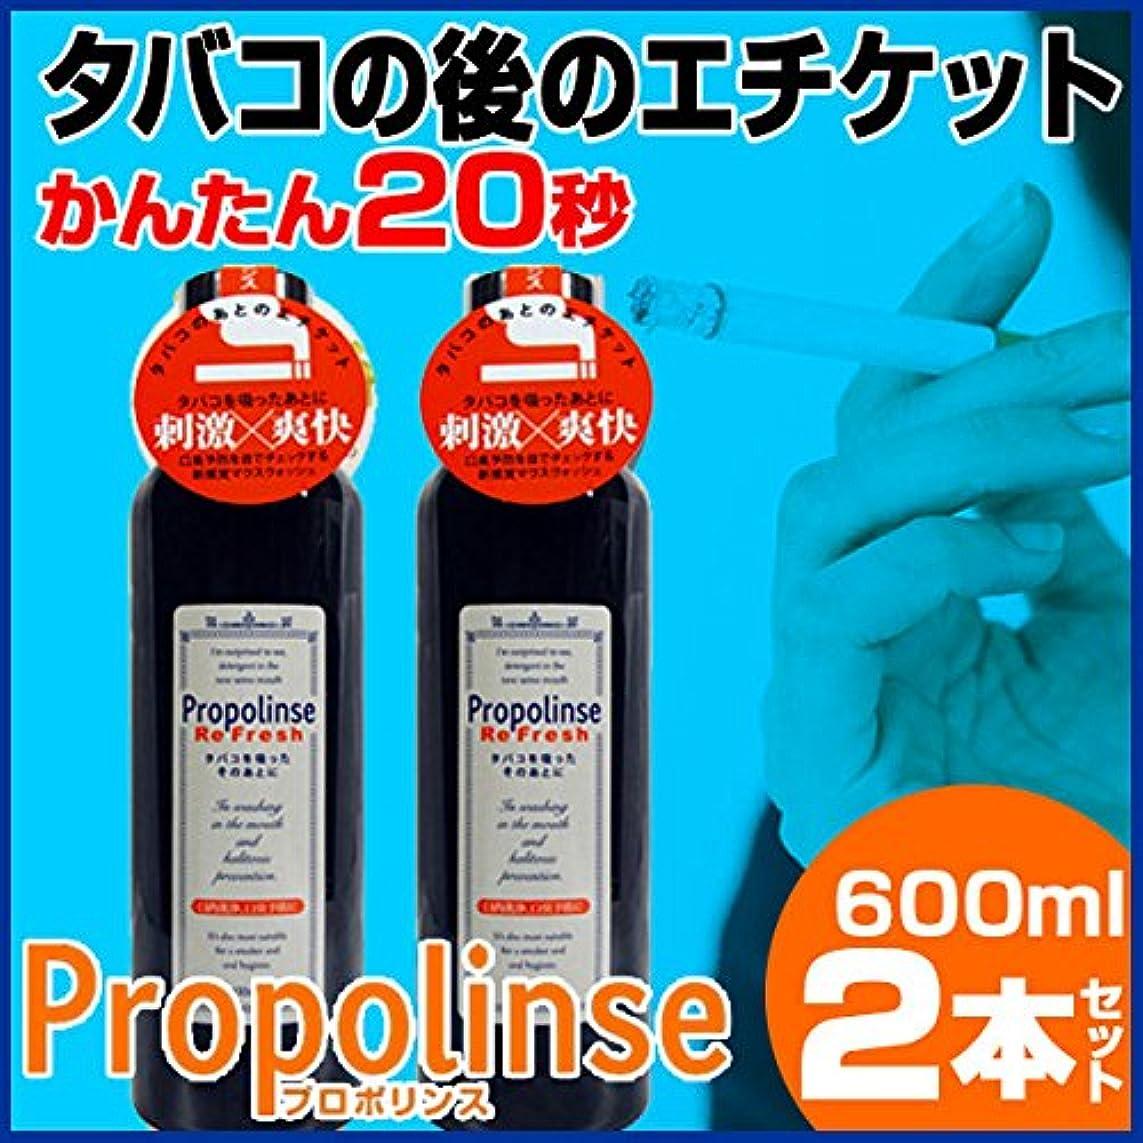 大学院枝公平プロポリンス リフレッシュ600ml【まとめ買い2個セット】